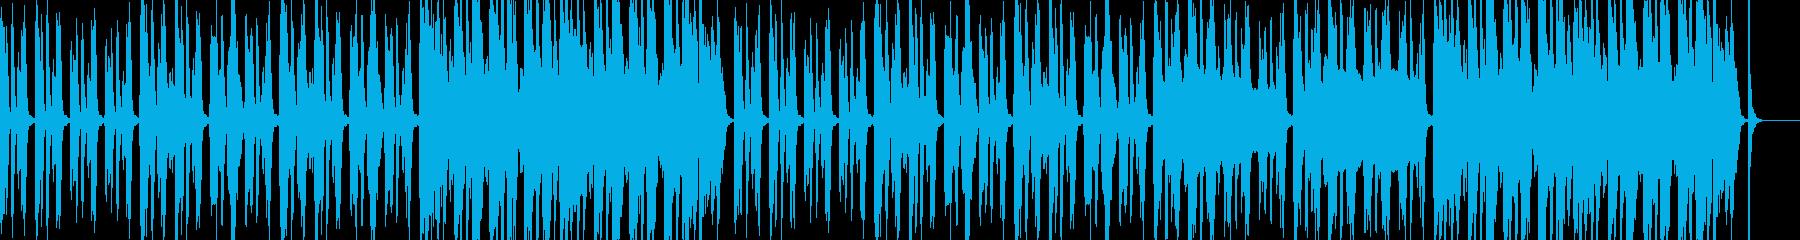 いつも通りの日常を感じさせる曲の再生済みの波形